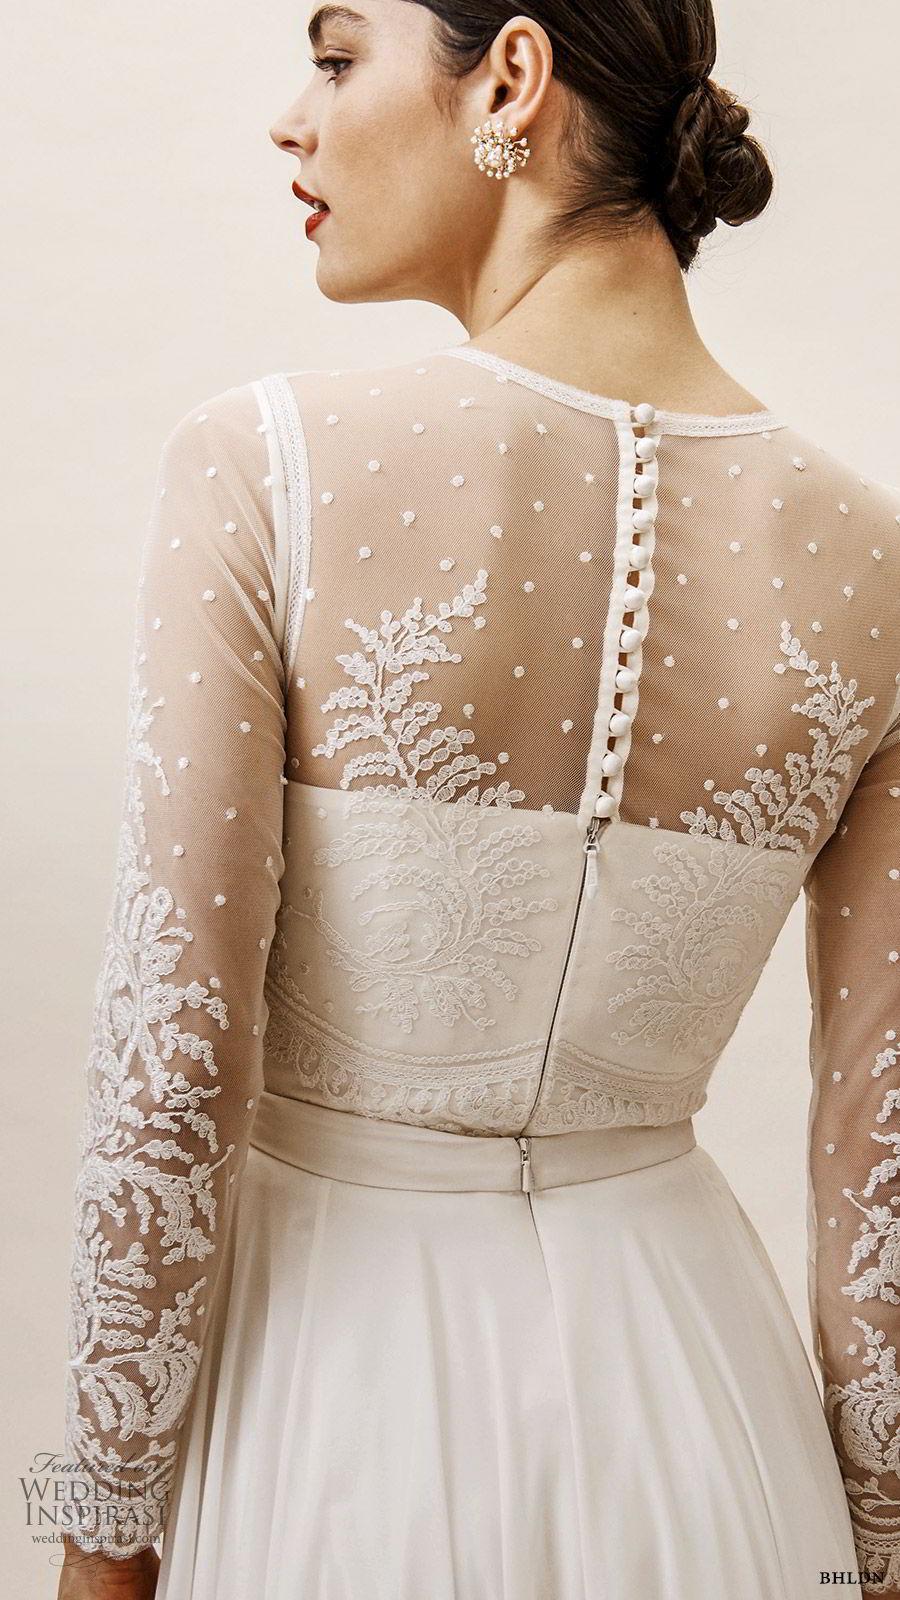 bhldn spring 2019 bridal illusion long sleeves sheer jewel neckline sweetheart bodice a line wedding dress slit skirt elegant (7) zbv